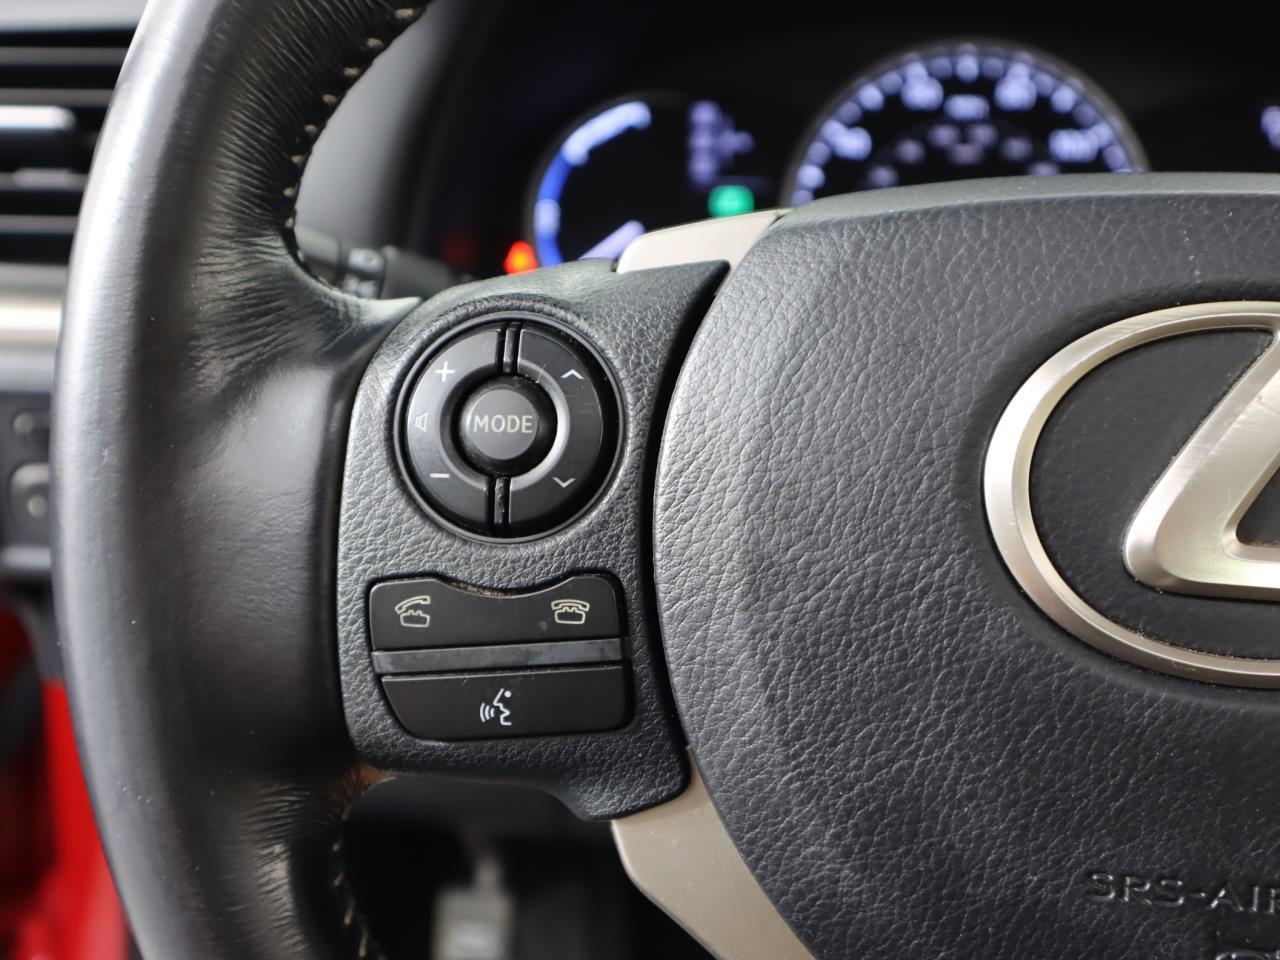 used vehicle - Sedan LEXUS CT 200H 2016